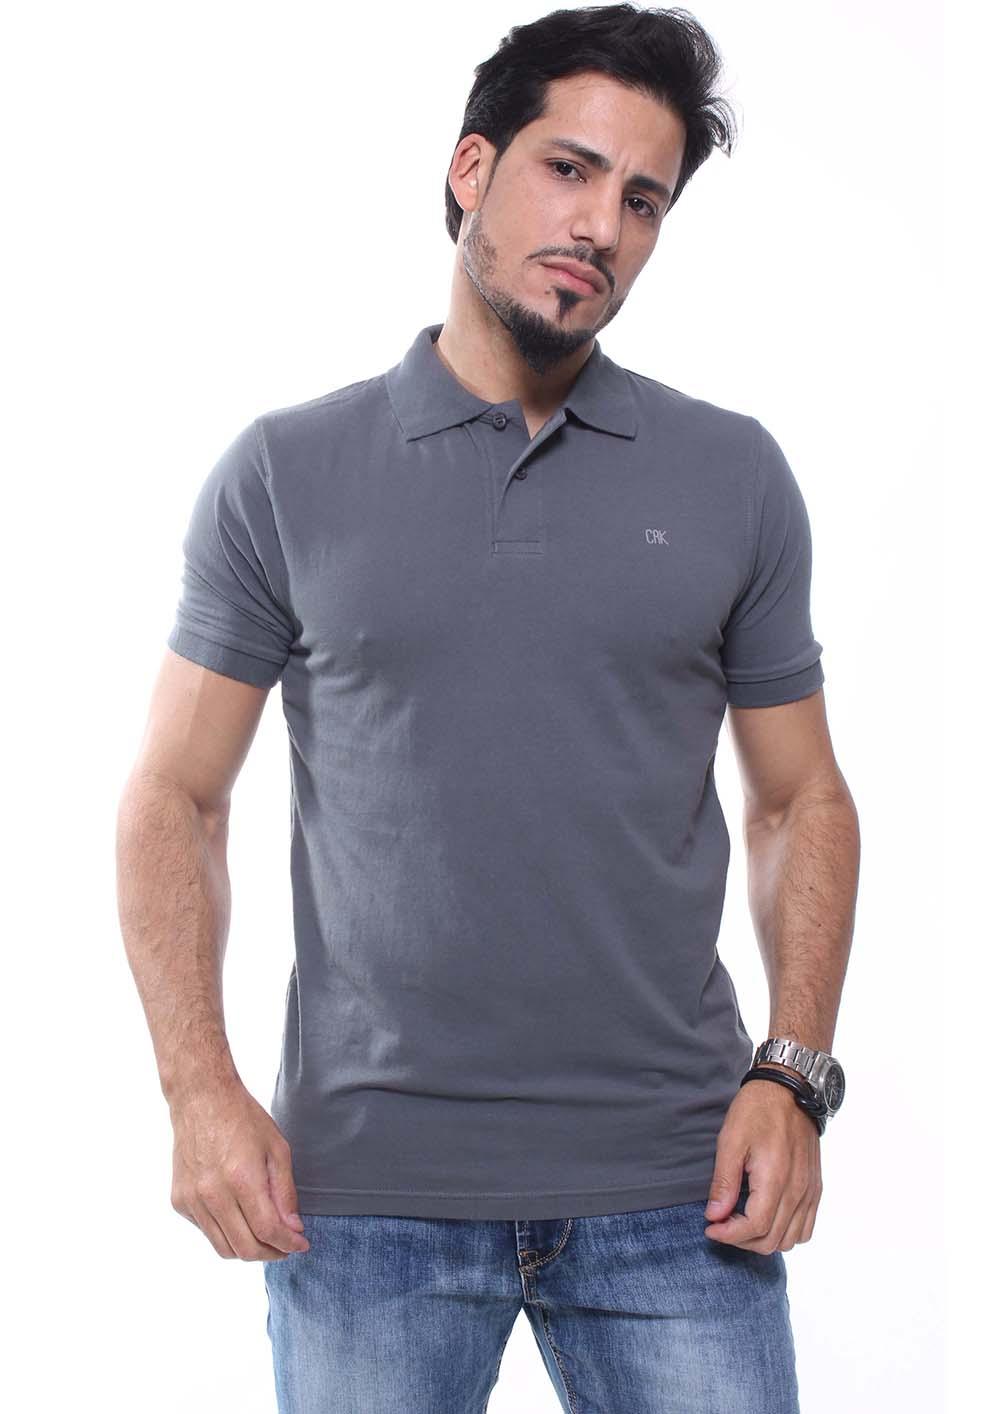 Camisa Gola Polo Lisa Crocker - 45363